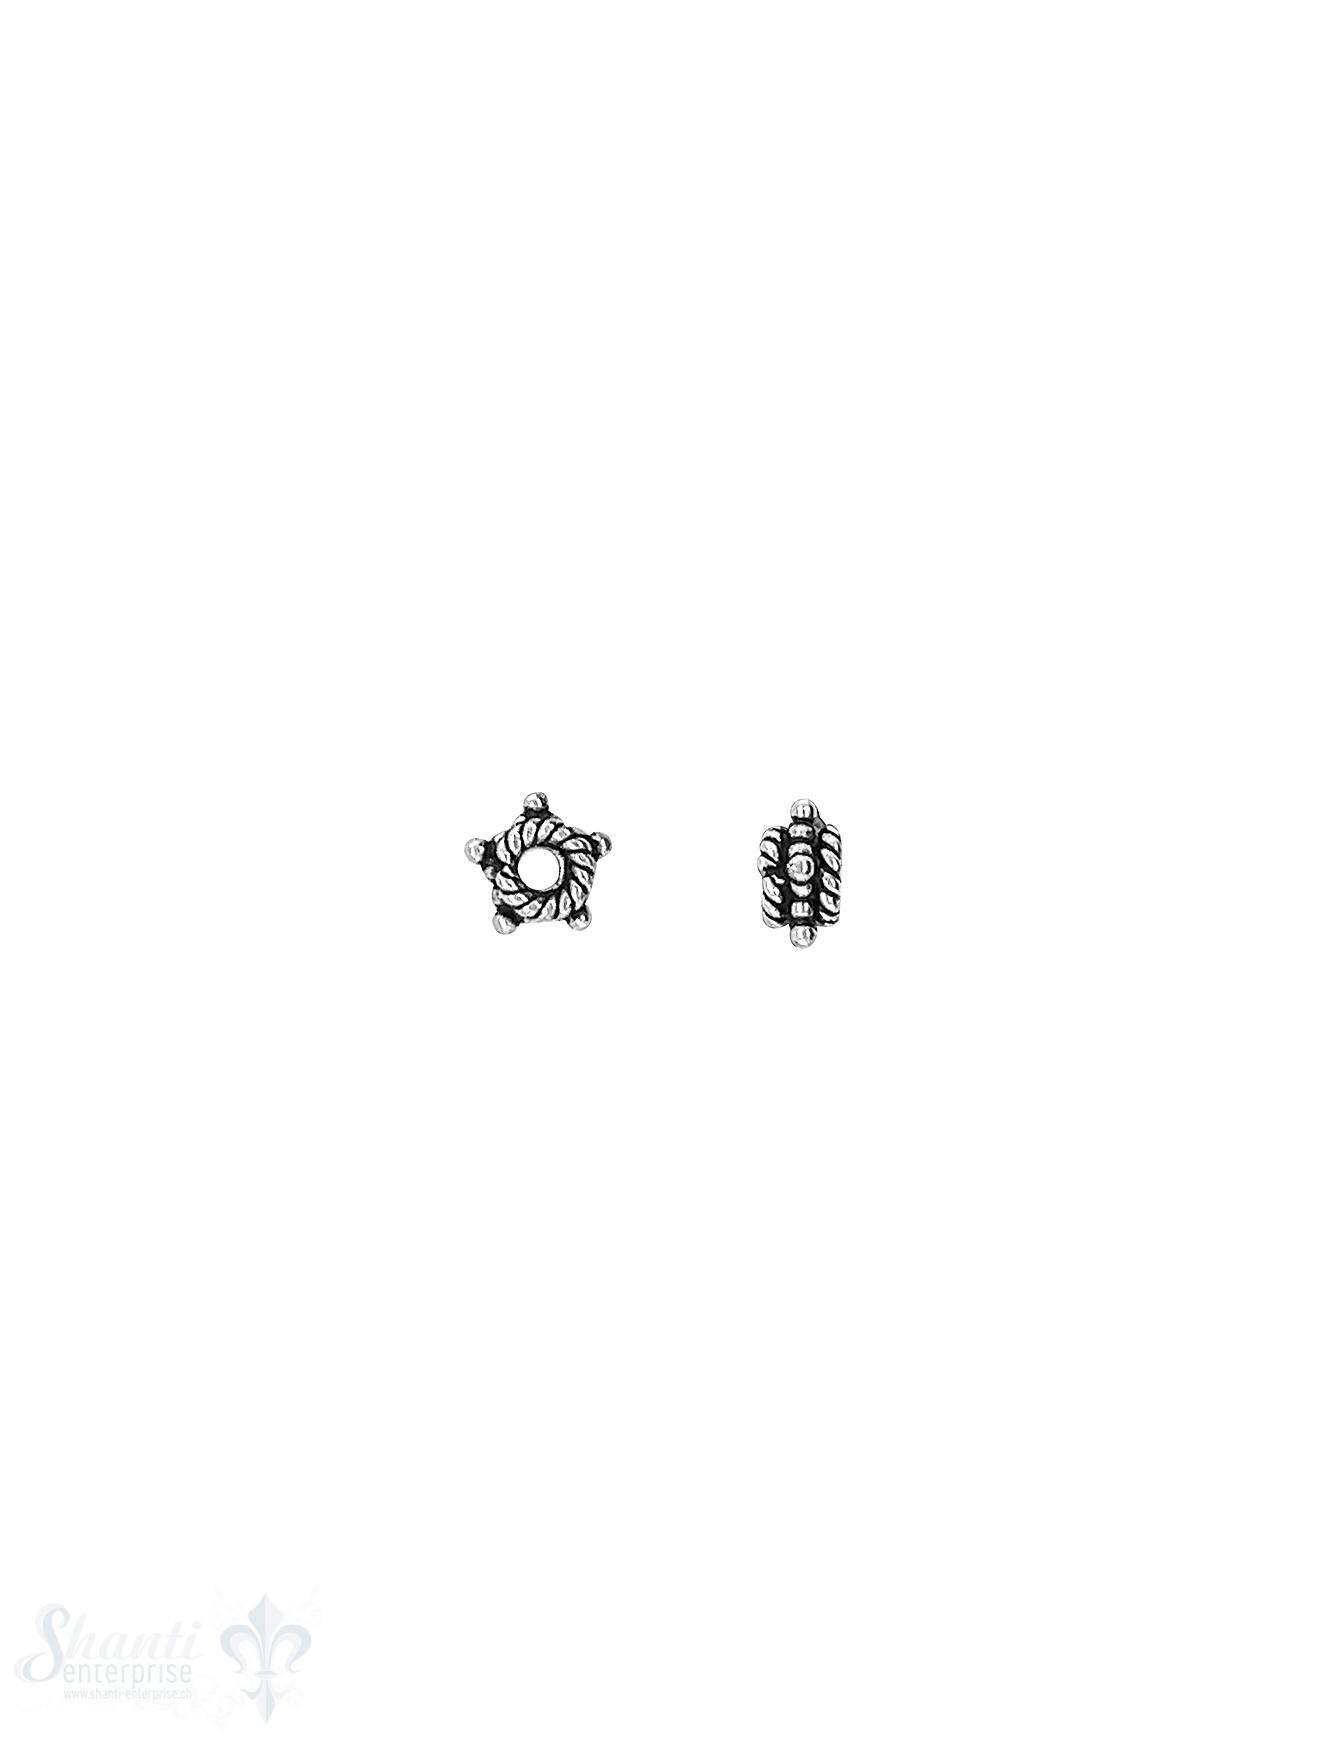 Stern Element 6x2,9 mm  5-zackig getupft verziert